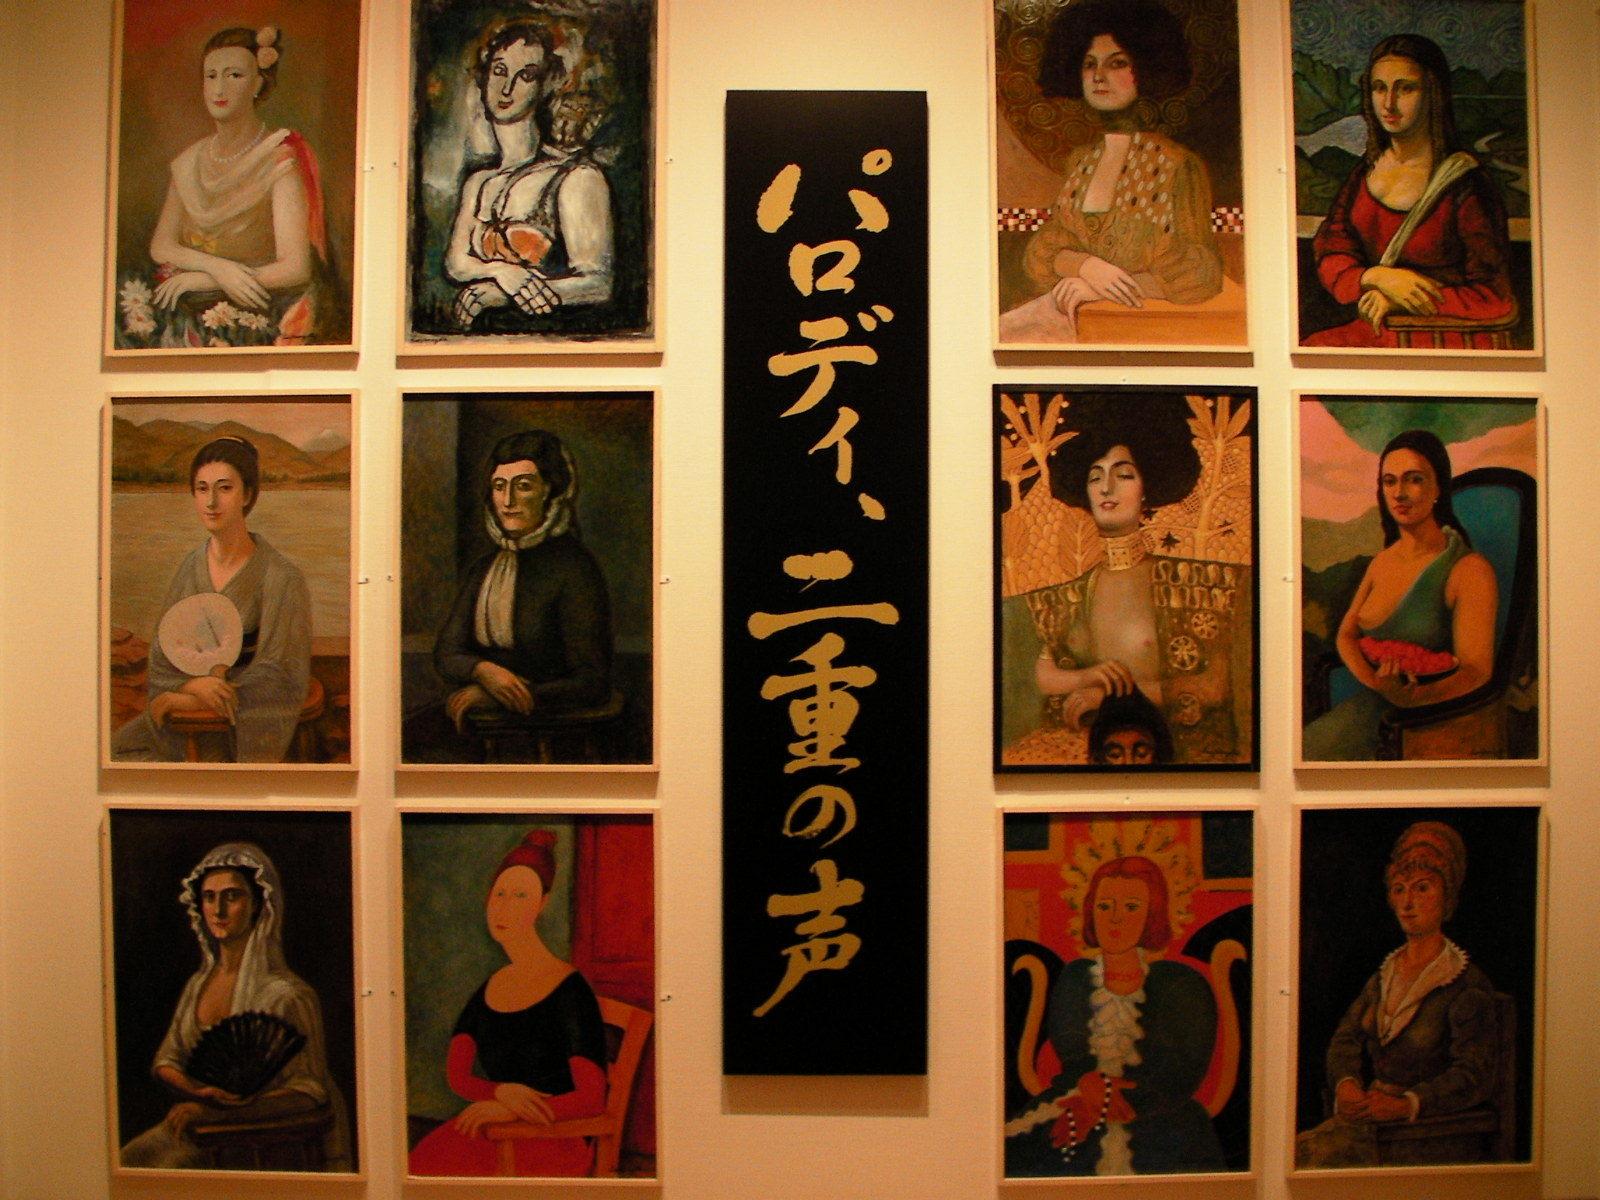 山縣旭(レオ・ヤマガタ) 絵画シリーズ『歴史上100人の巨匠が描くモナ・リザ』より